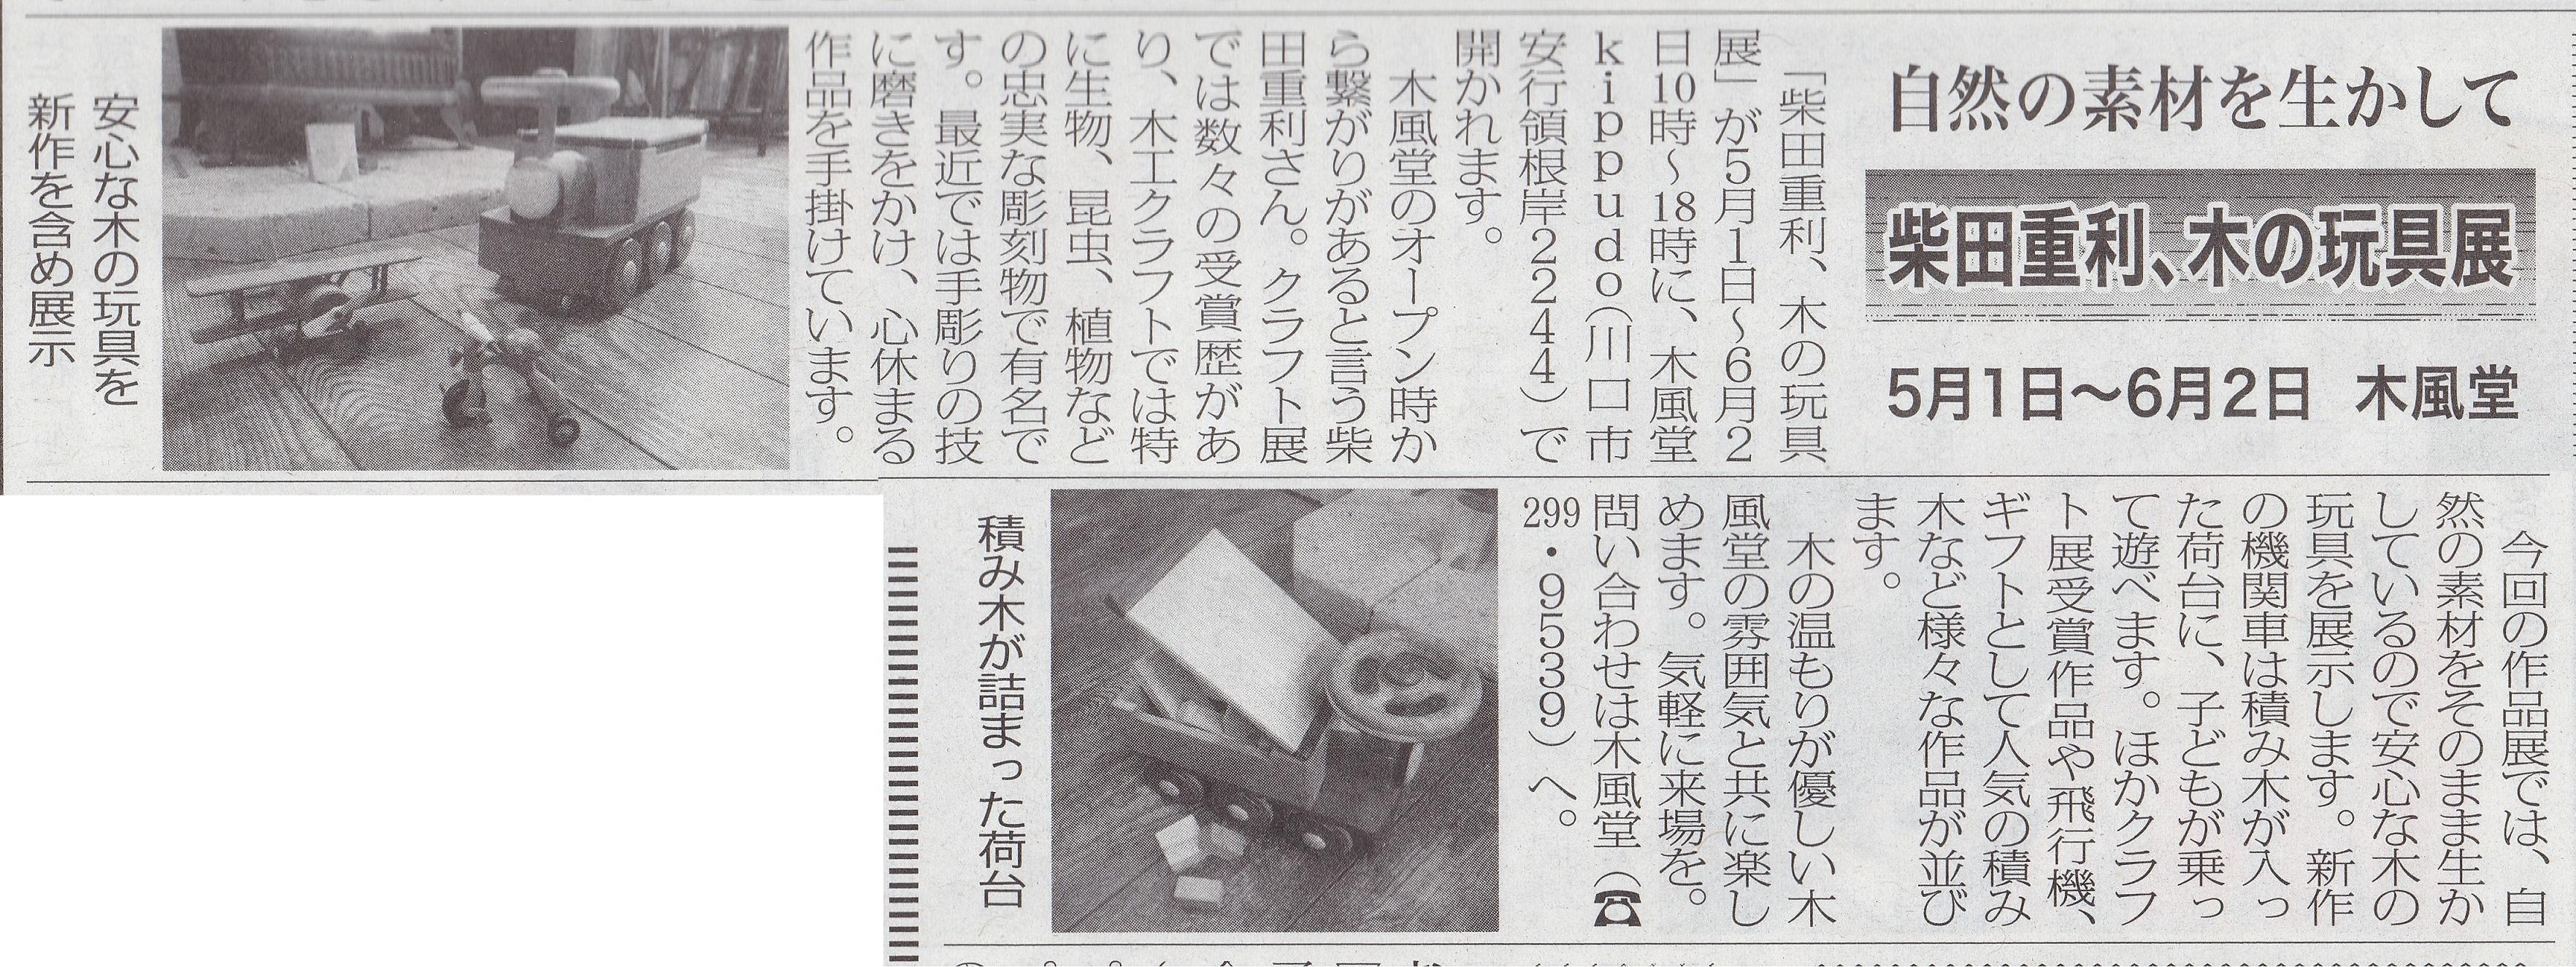 柴田重利木の玩具展_0001